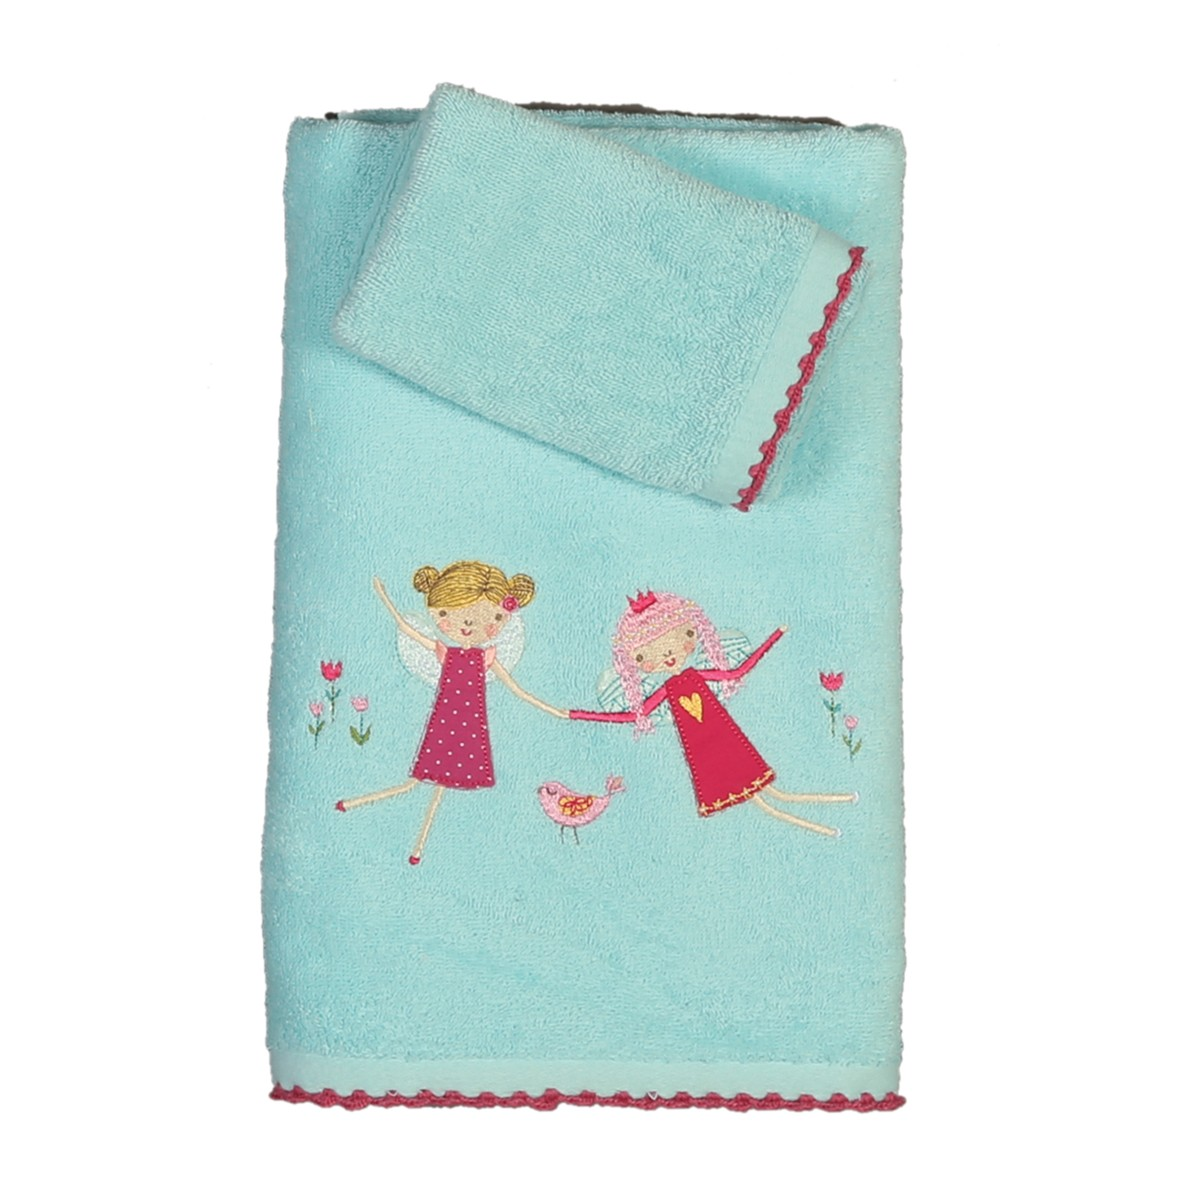 Παιδικές Πετσέτες (Σετ 2τμχ) Nef-Nef Junior Fairies In The Garde 67871